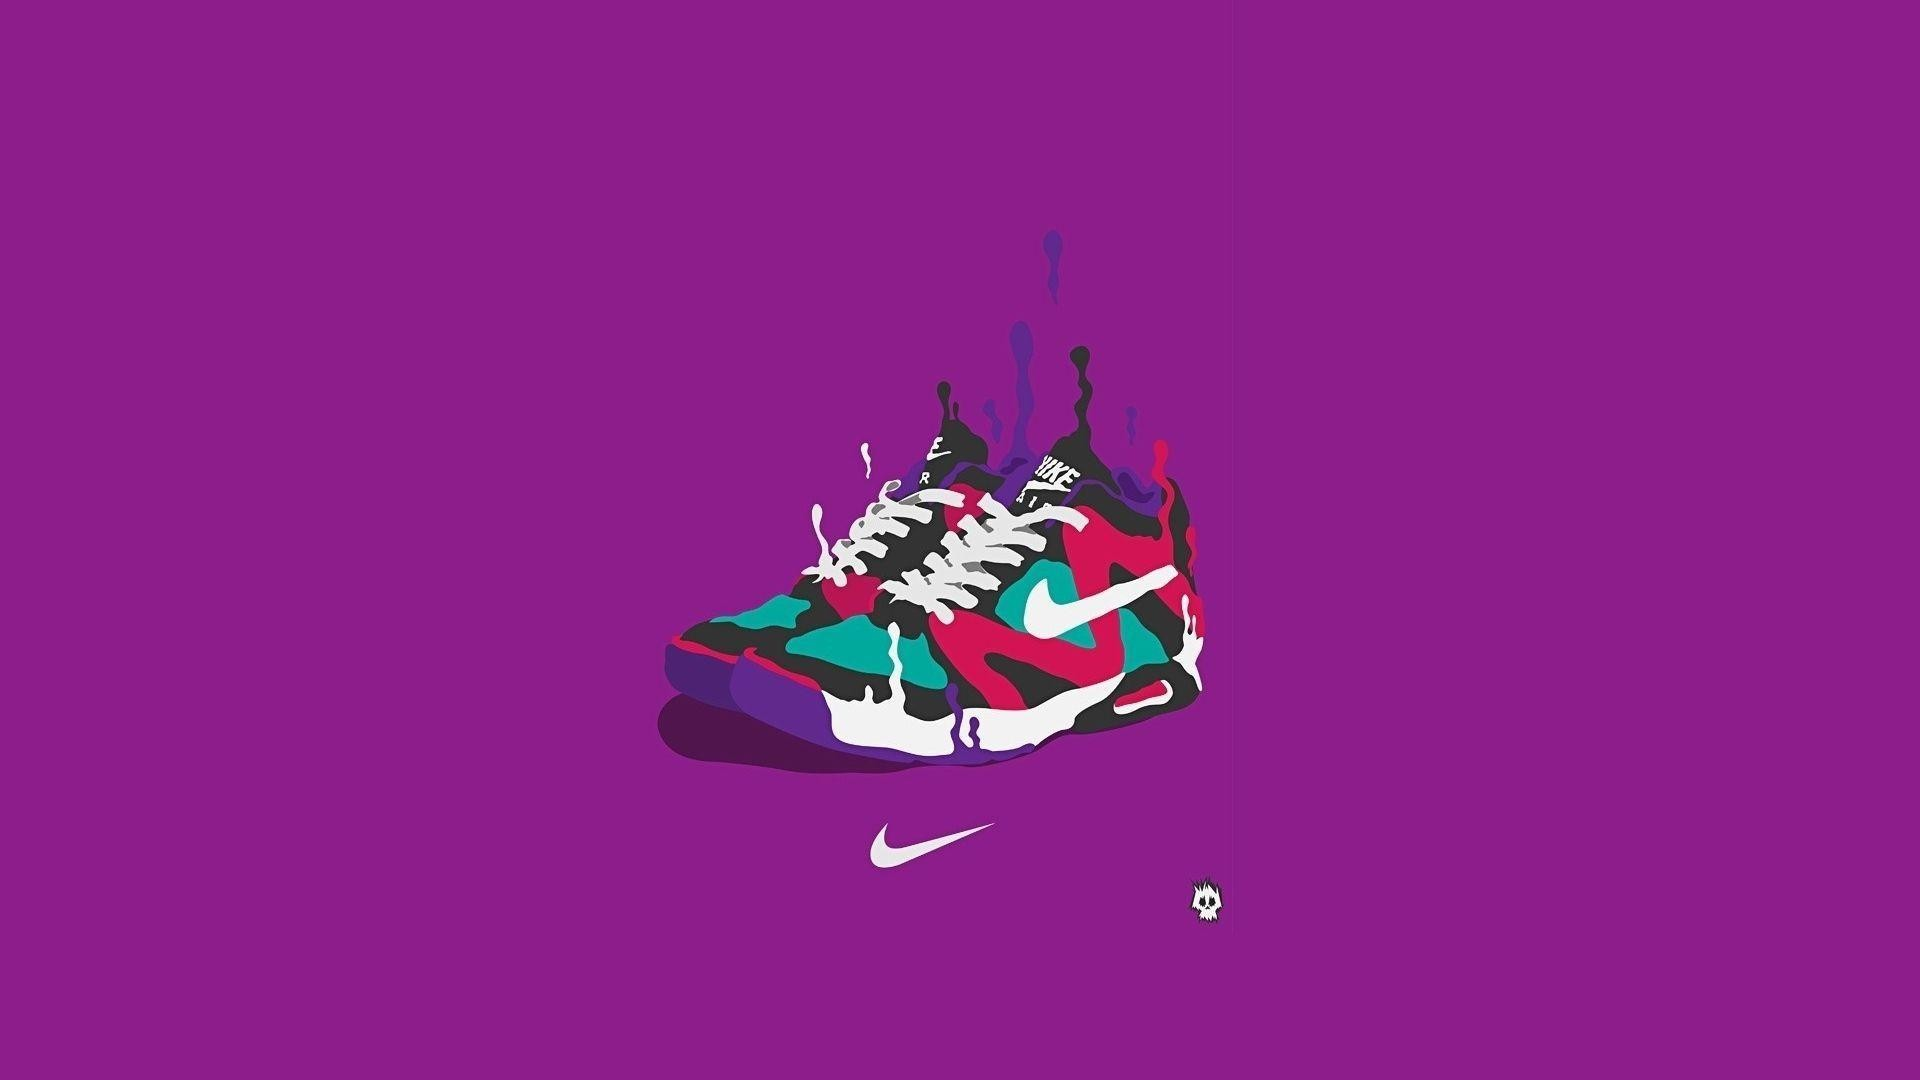 Michael Jordan 3d Wallpaper Nike Wallpapers Hd 2018 183 ①